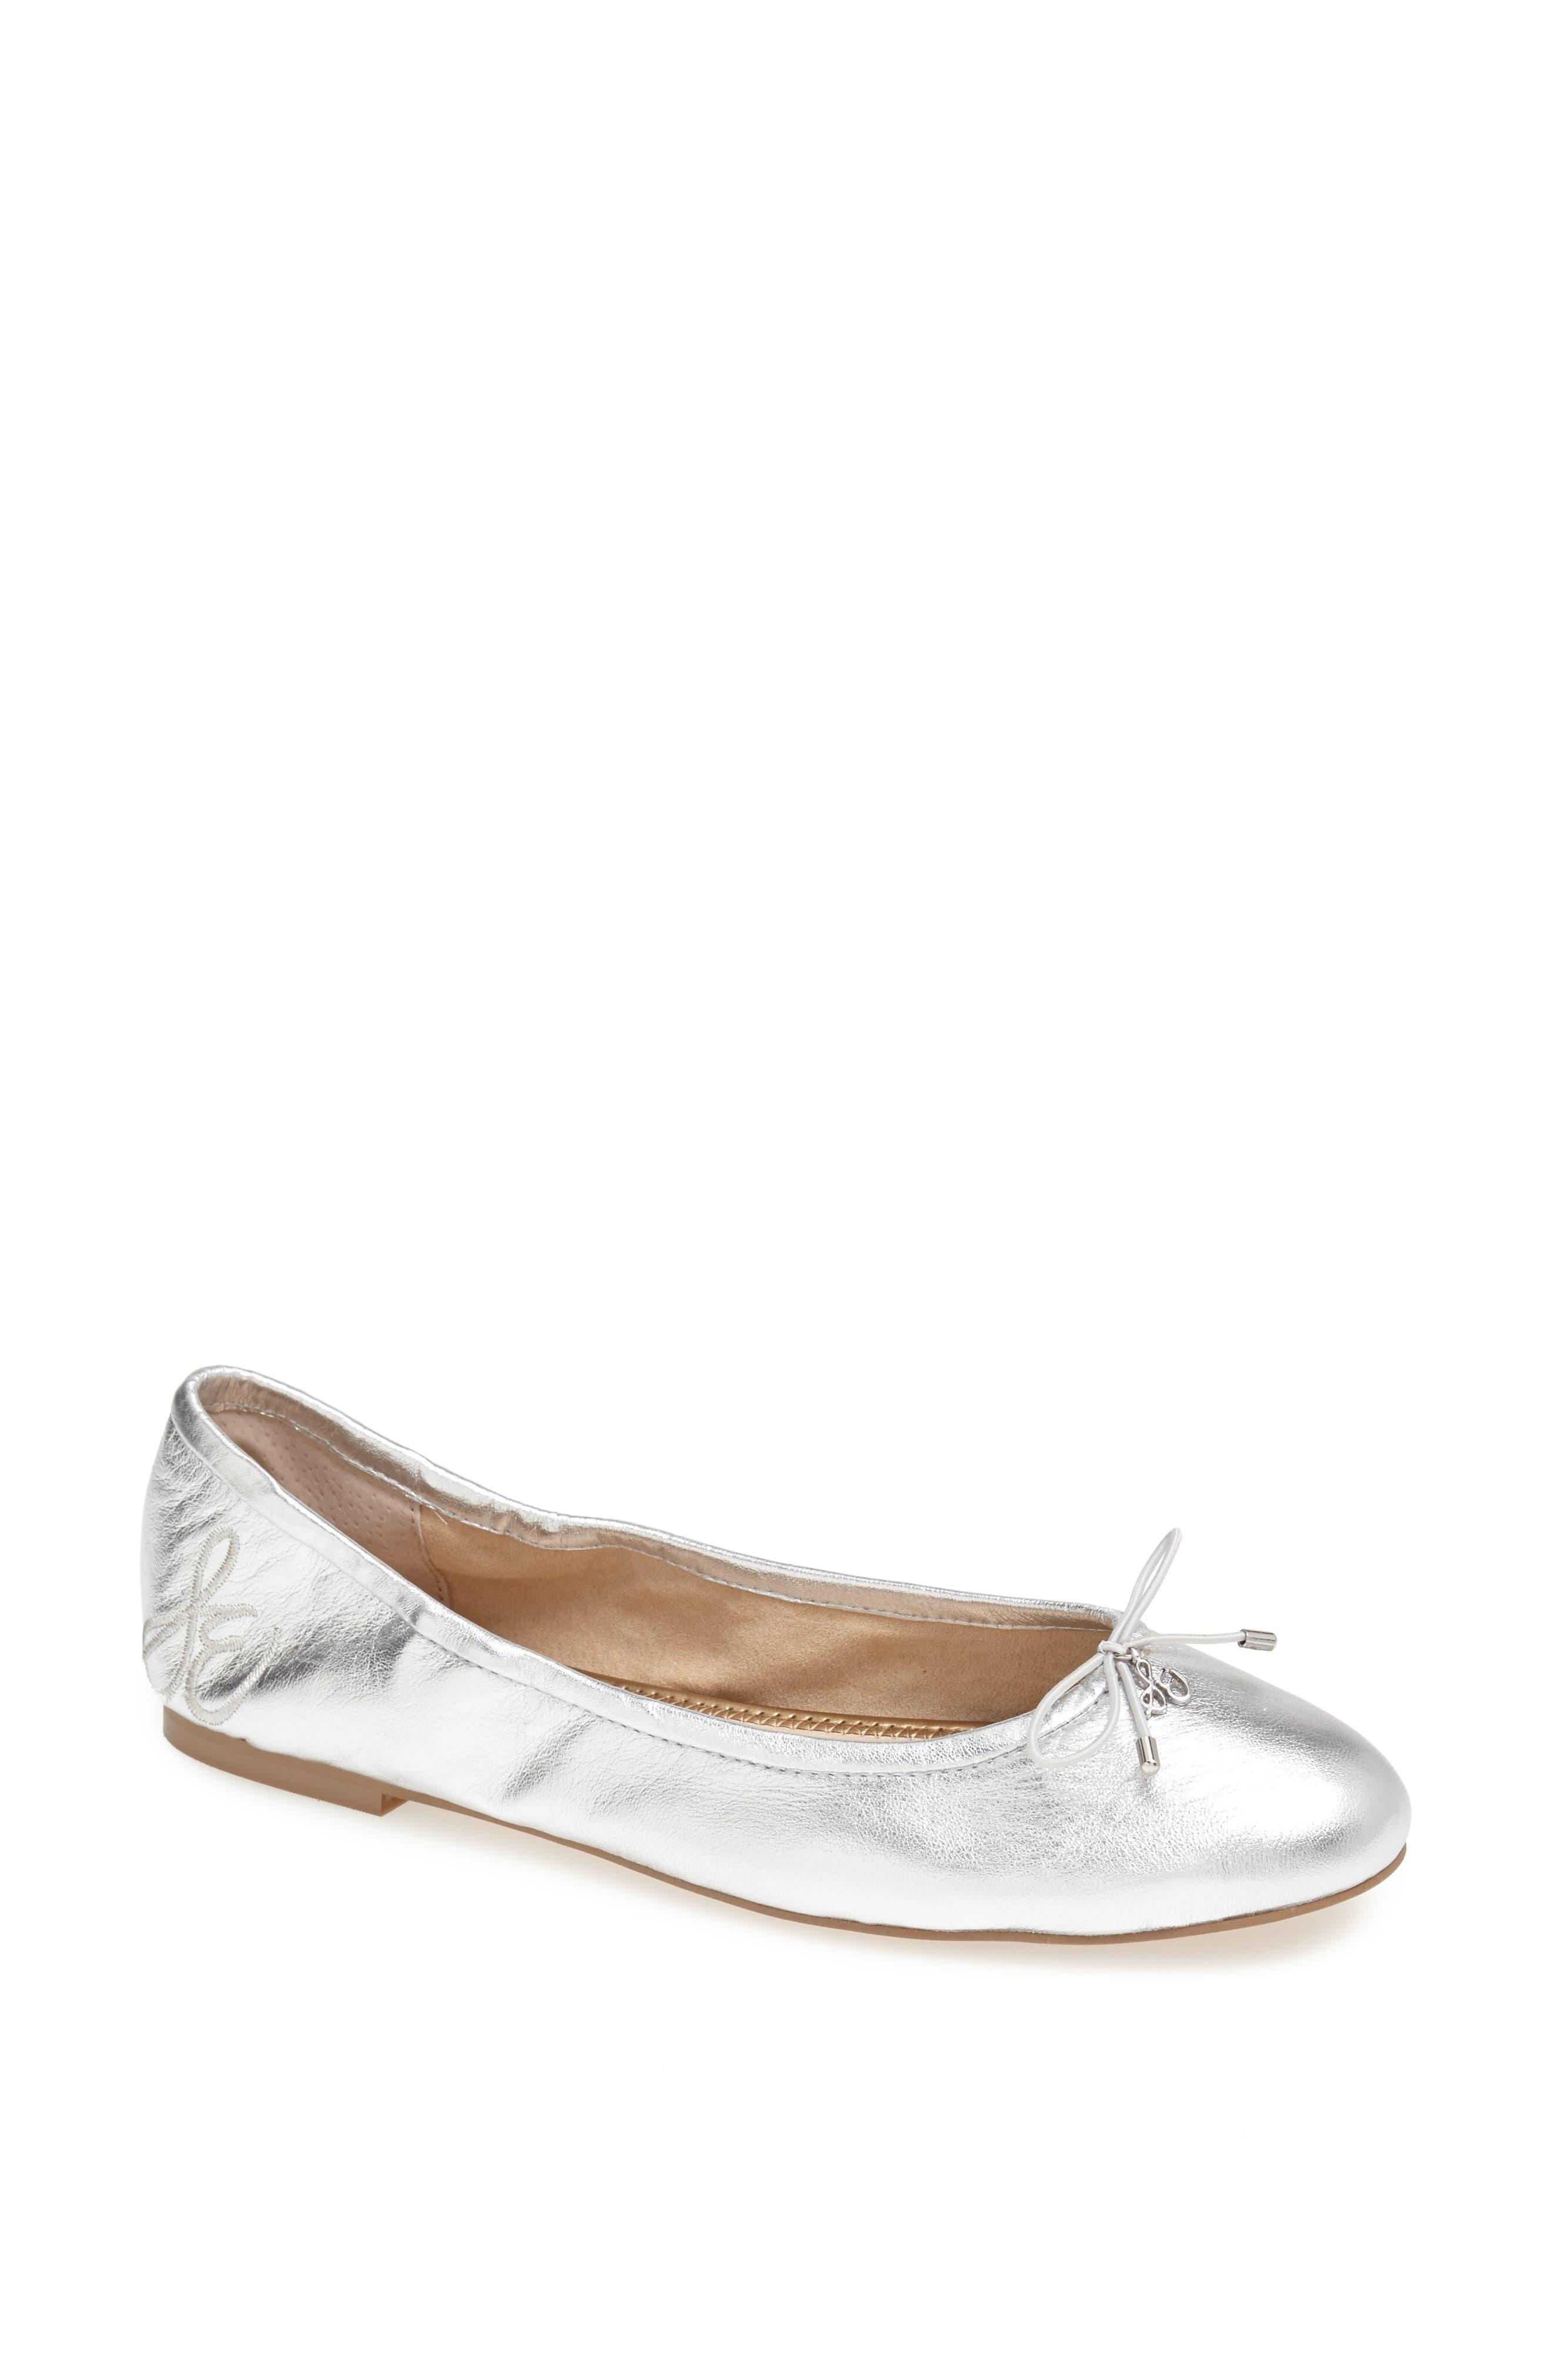 54a676e74 Sam Edelman Ballet Flats for Women